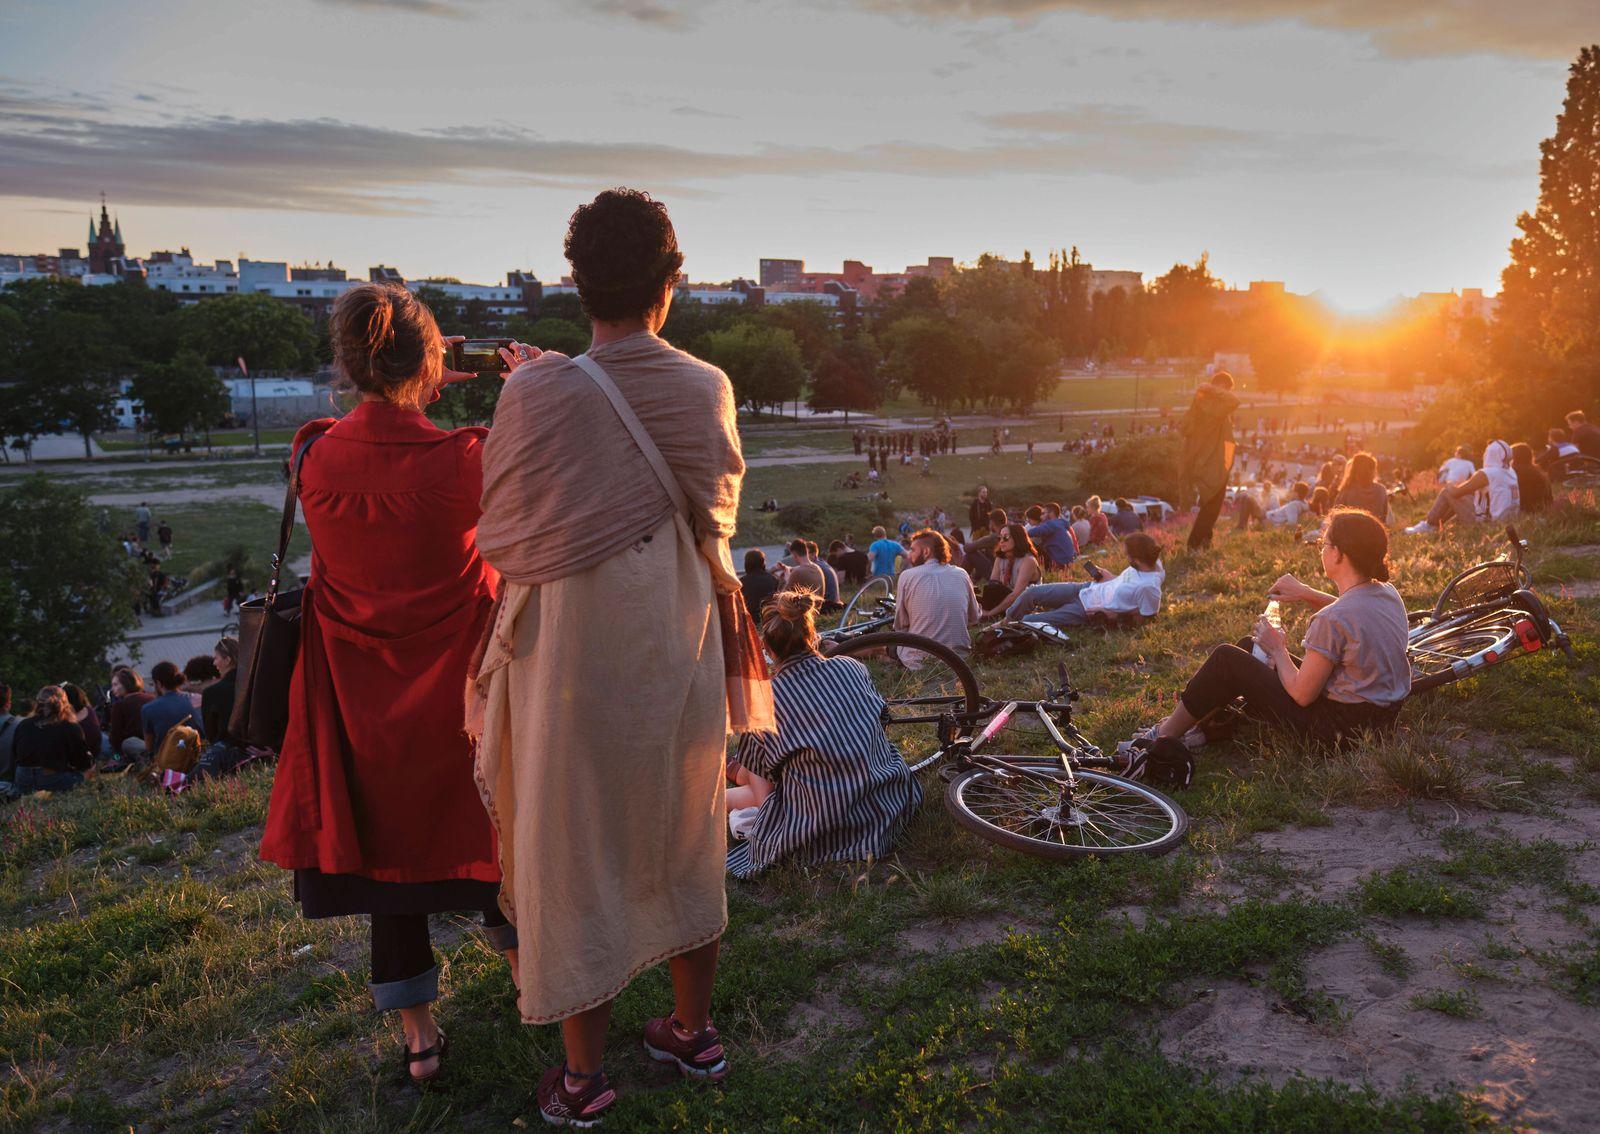 Abendsonne Deutschland, Berlin, 21.206.2020, Mauerpark, zwei Frauen, Handyfoto, Besucher auf der Wiese, Sonnenuntergang,